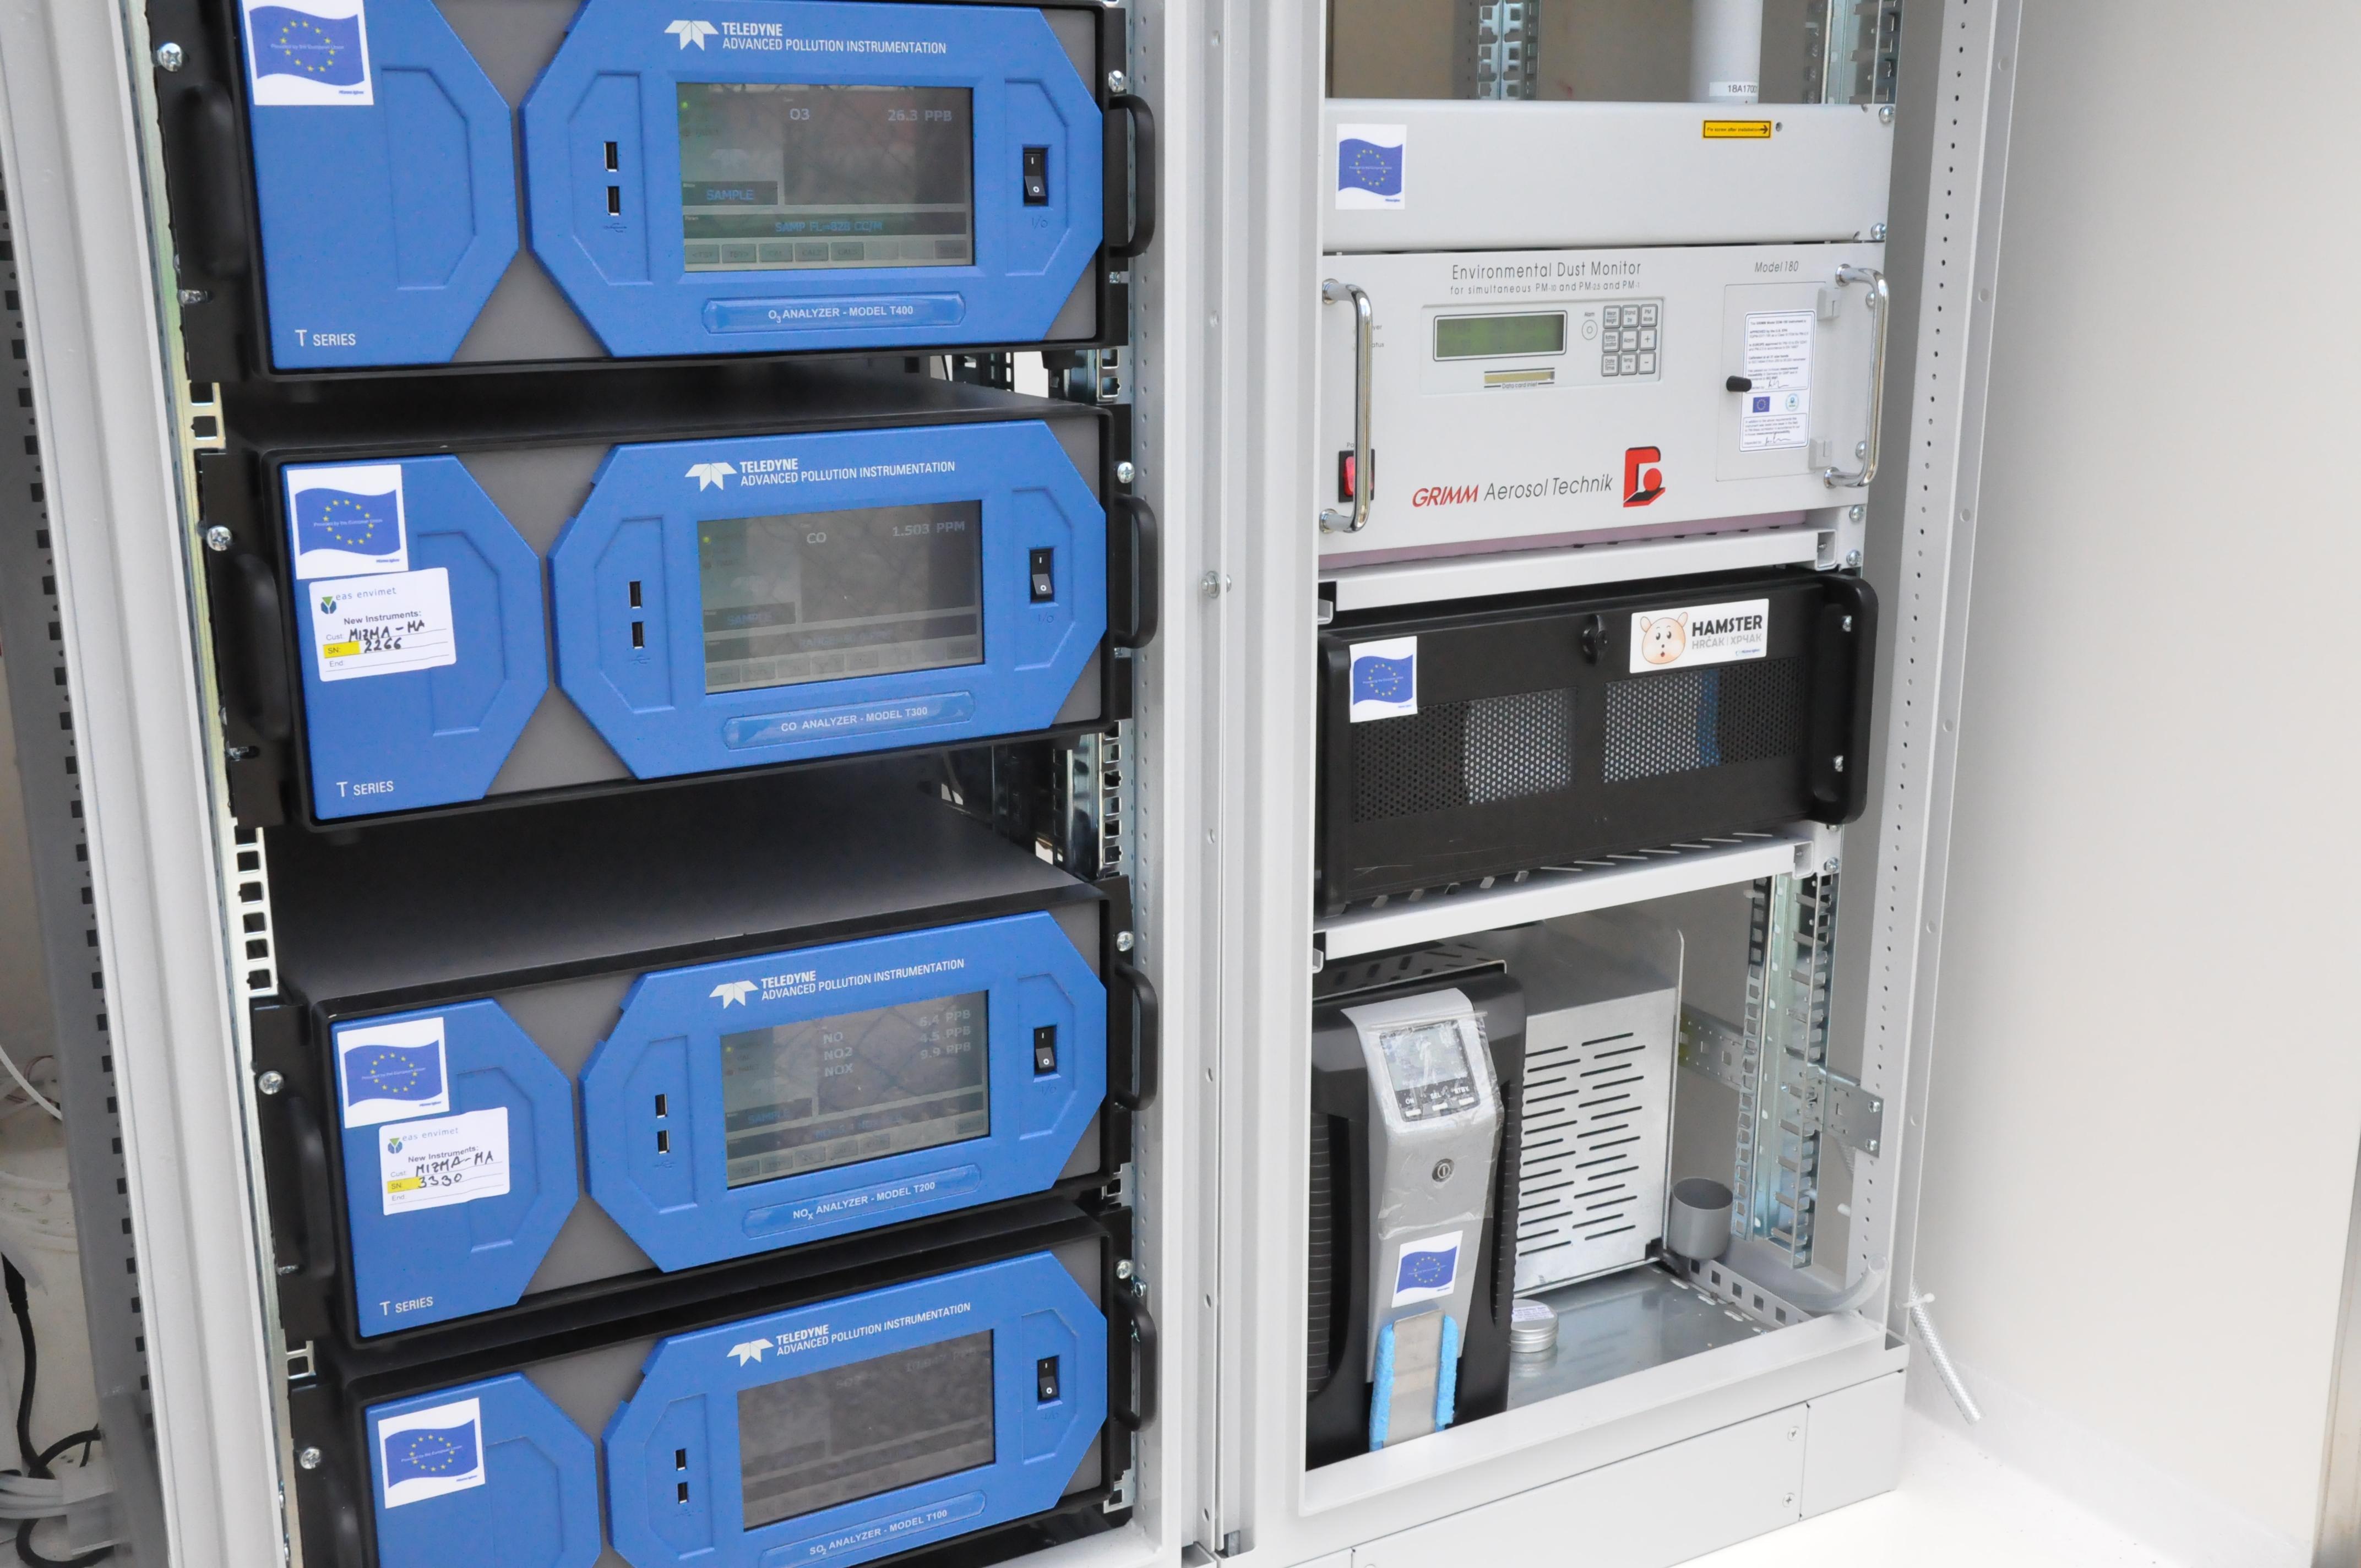 Општина Бутел ја доби првата мобилна станица за мерење на квалитетот на воздухот